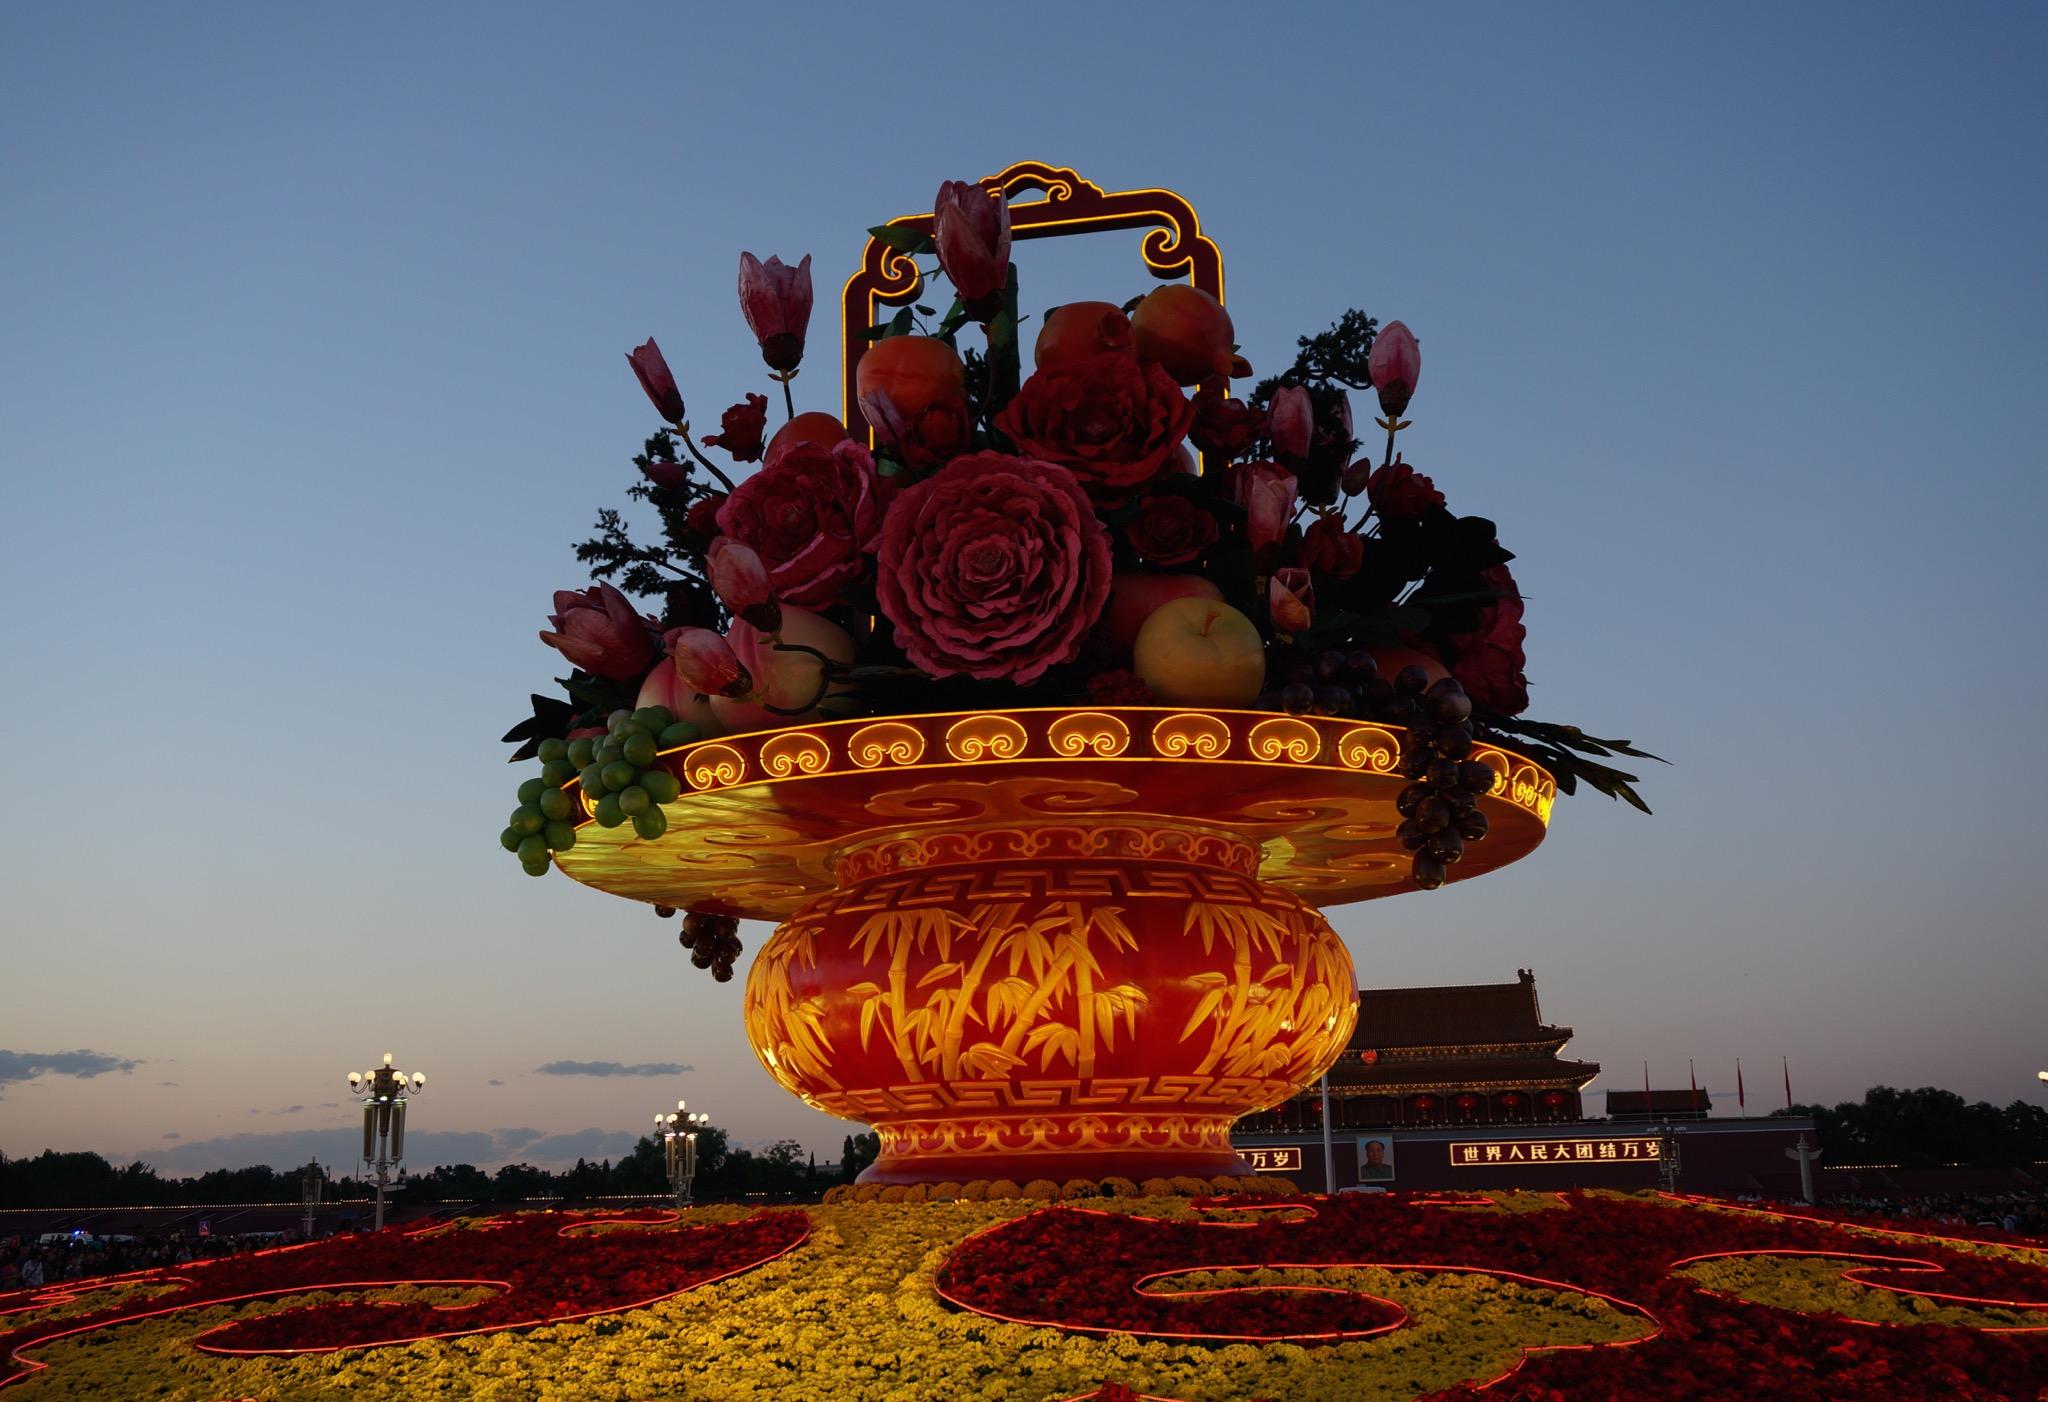 天安门广场中央的大花篮